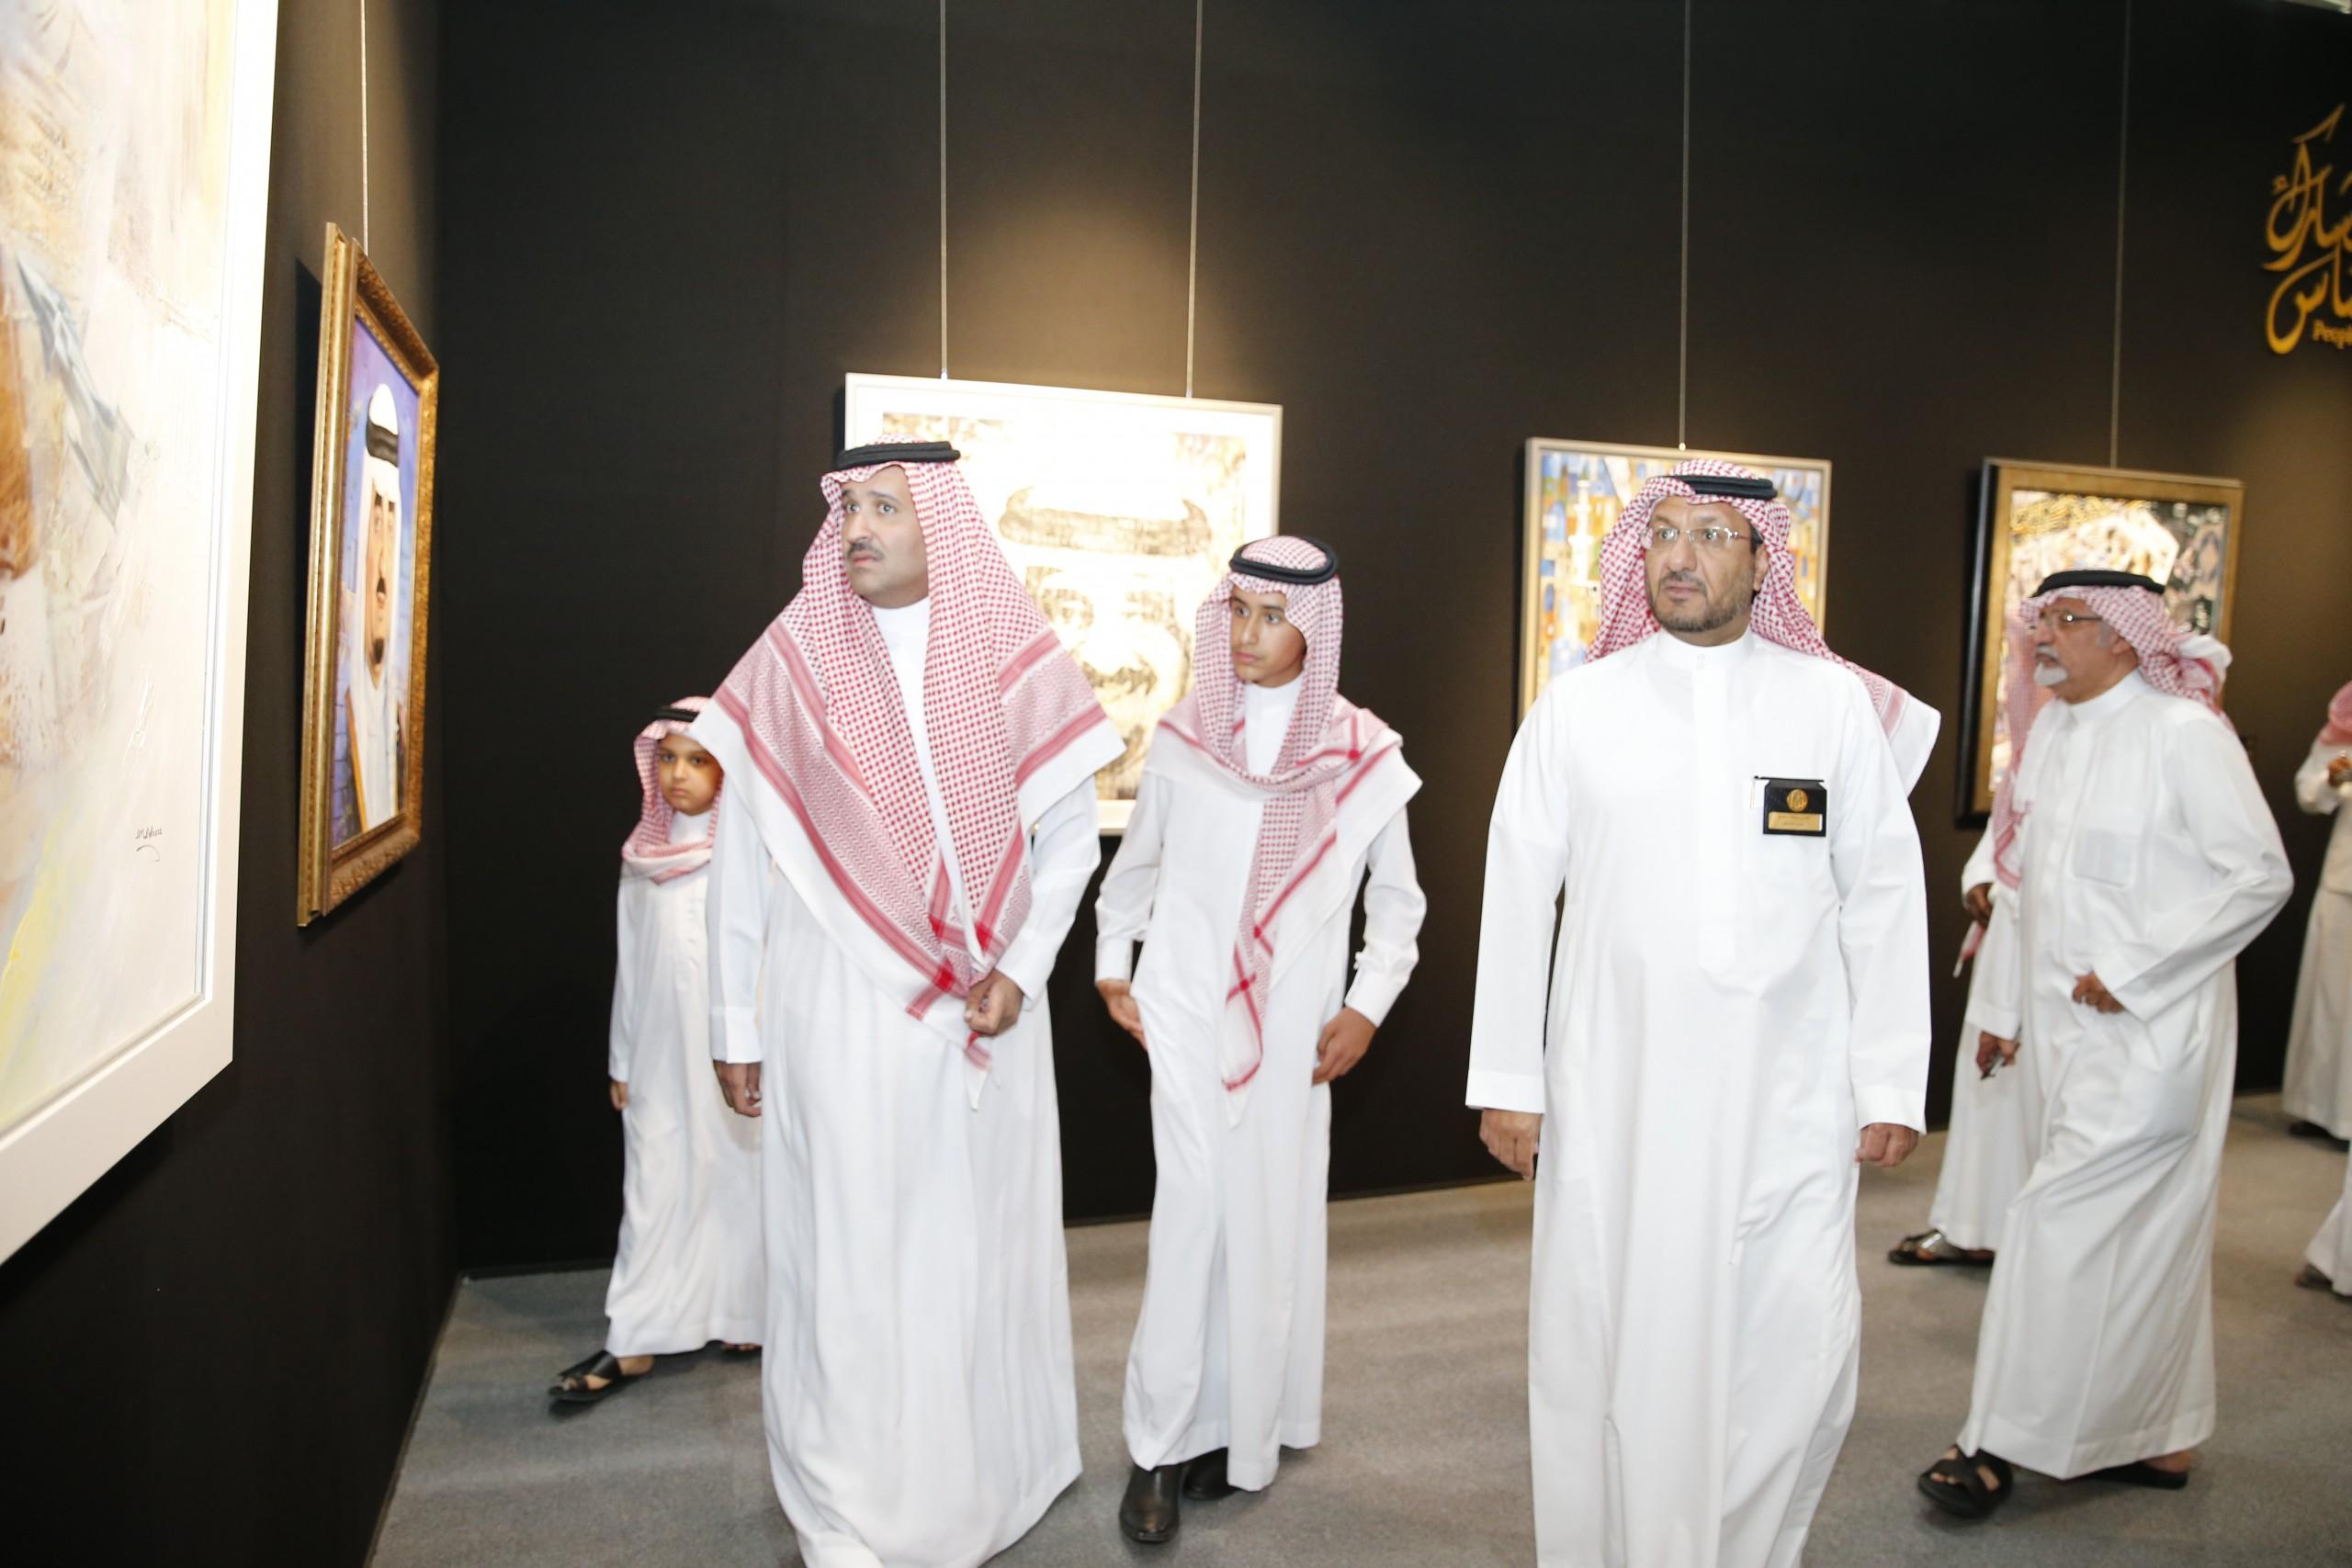 معرض الفهد روح القيادة في الرياض روح الفهد القيادية